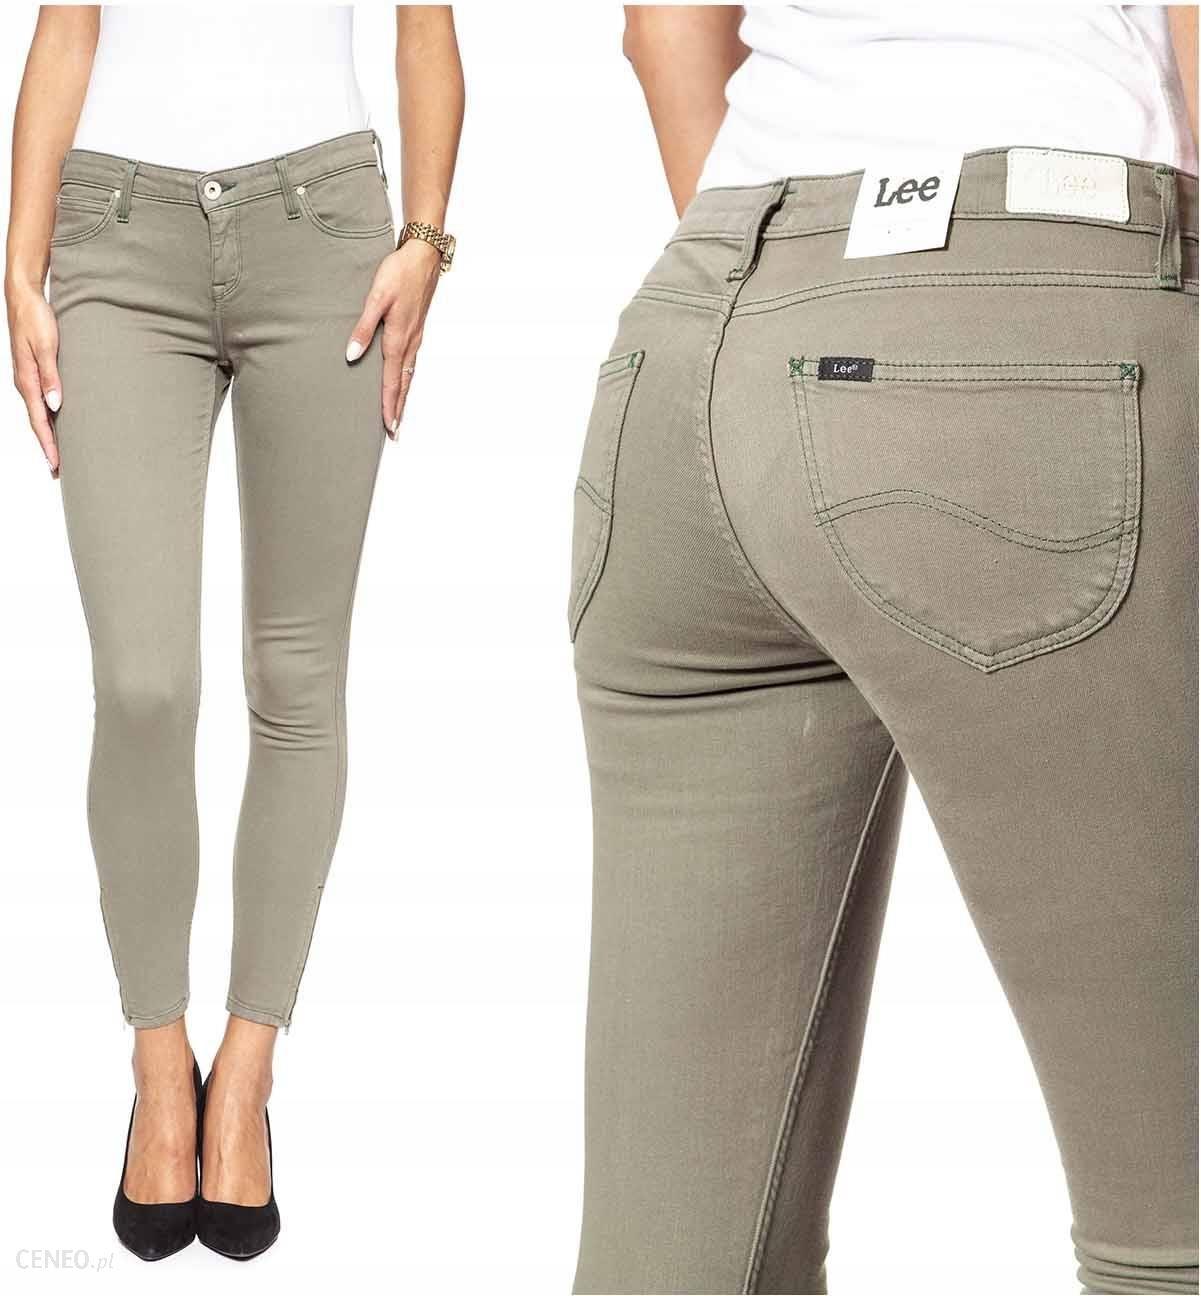 Lee Scarlett Cropped Spodnie Jeansy Khaki W28 L31 Ceny i opinie Ceneo.pl